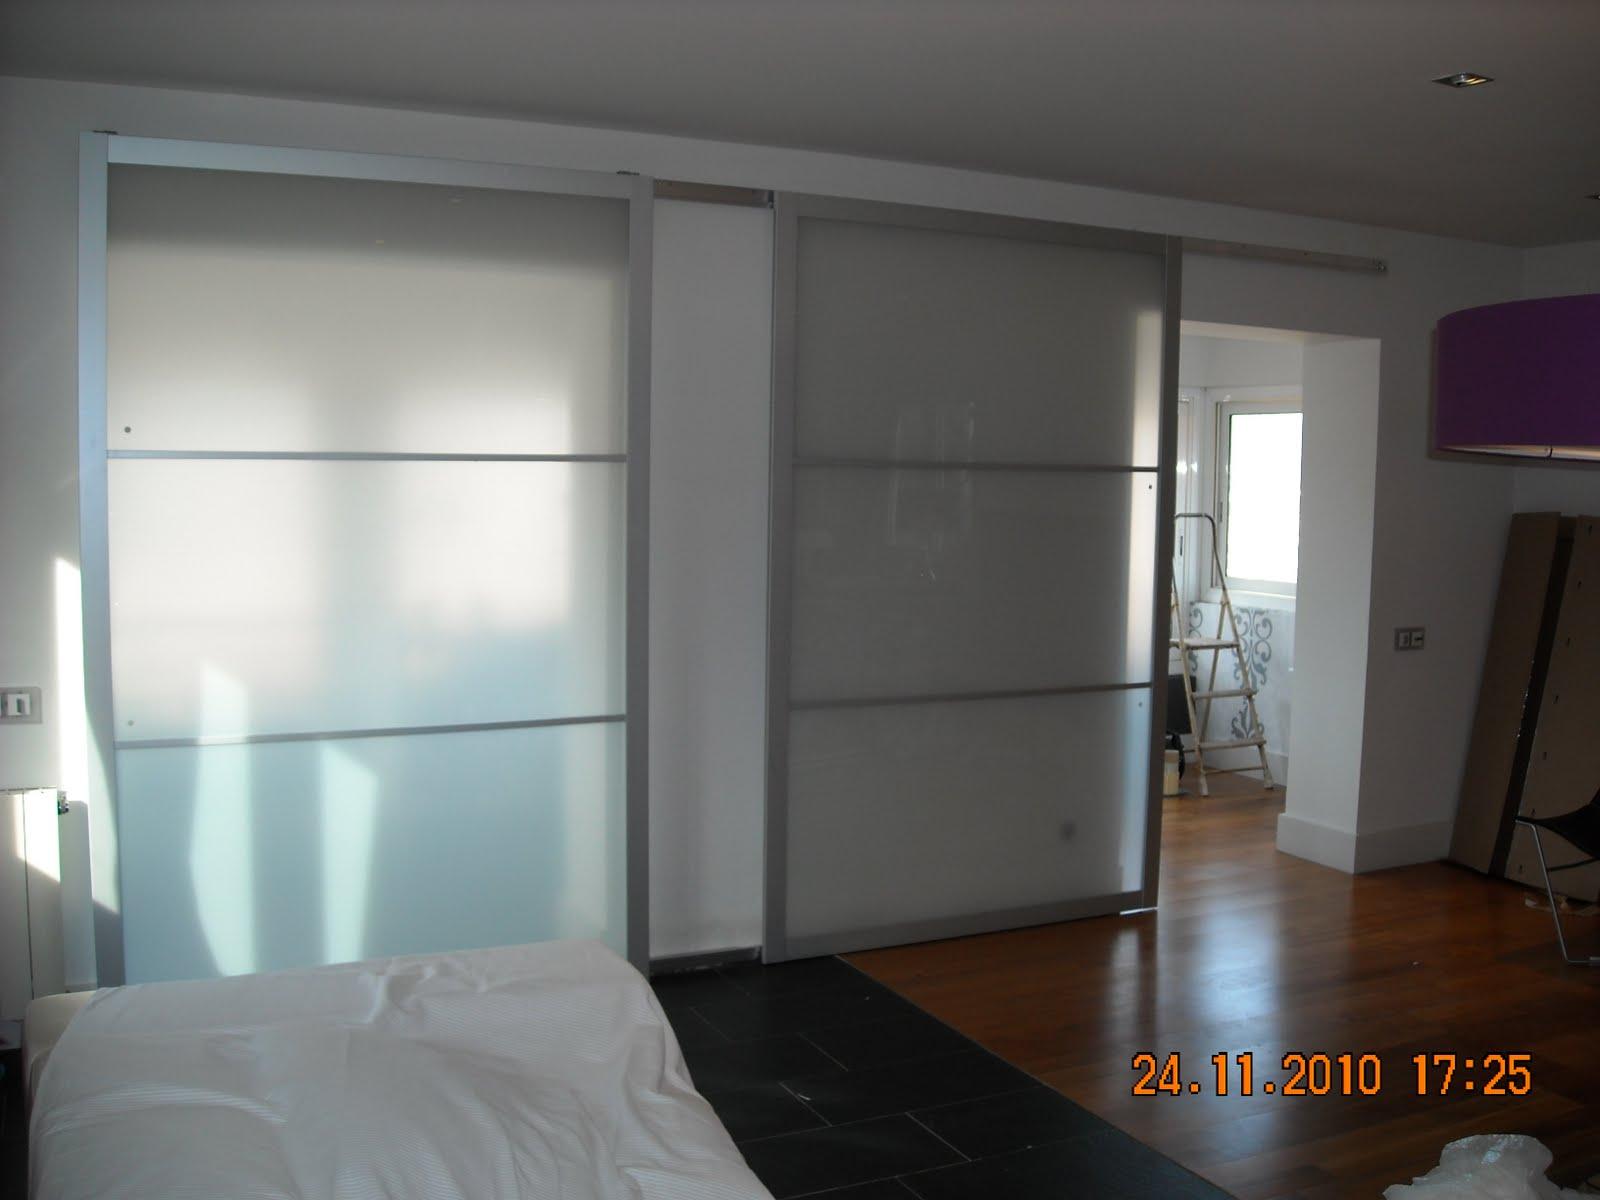 Ikea puertas de interior good armario puertas ikea pax for Manillas puertas ikea